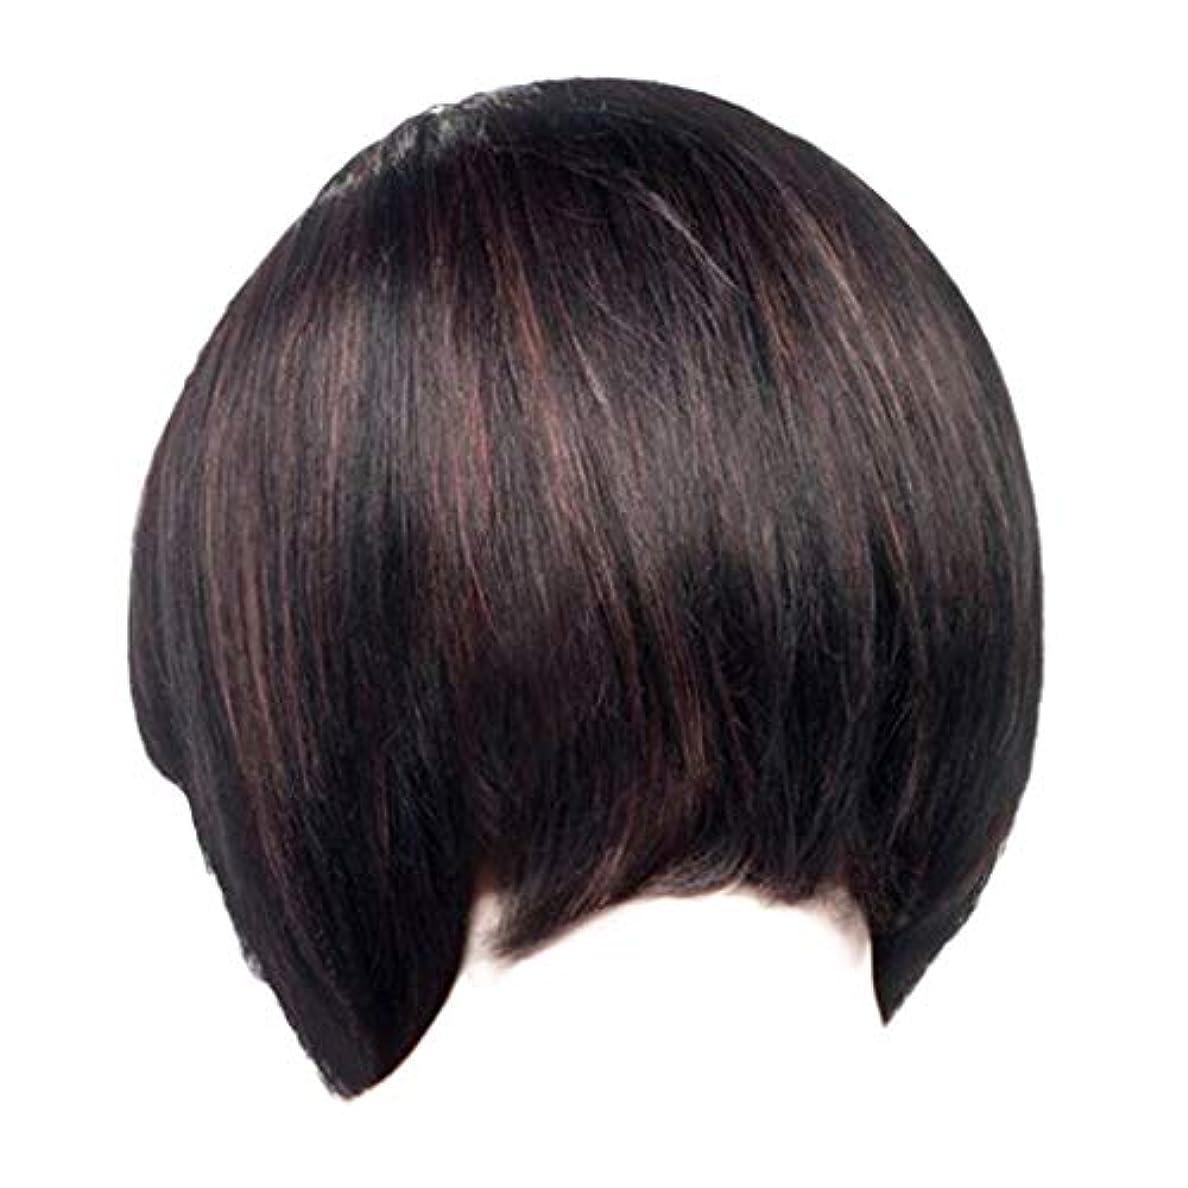 素子マルコポーロ放つウィッグレディースファッションブラックショートストレートヘアナチュラルウィッグローズヘアネット